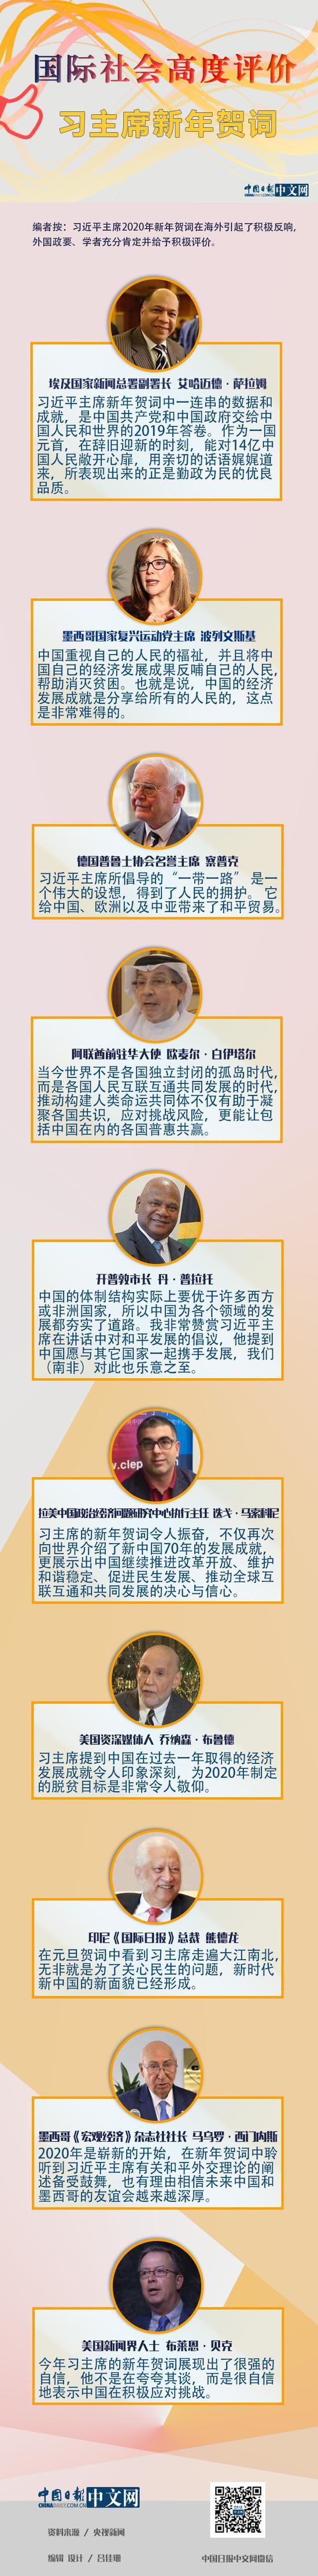 图解:国际社会高度评价习主席新年贺词图片